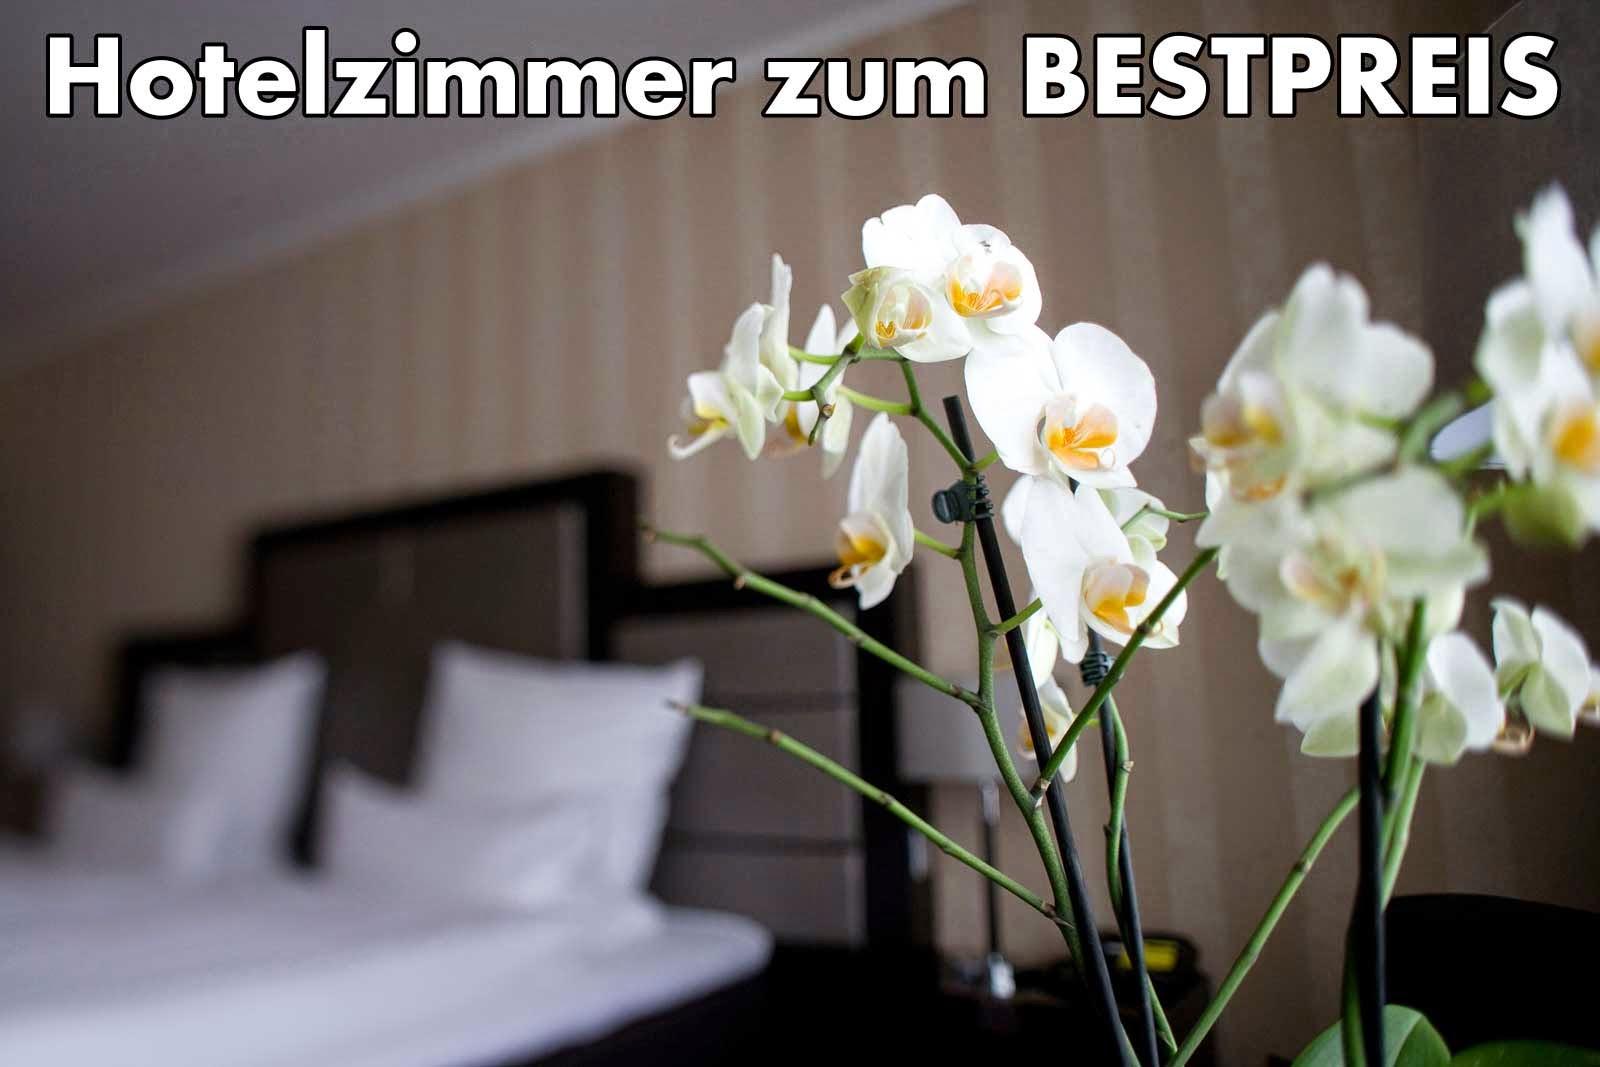 Hotels günstig buchen, Hotel zum besten Preis buchen